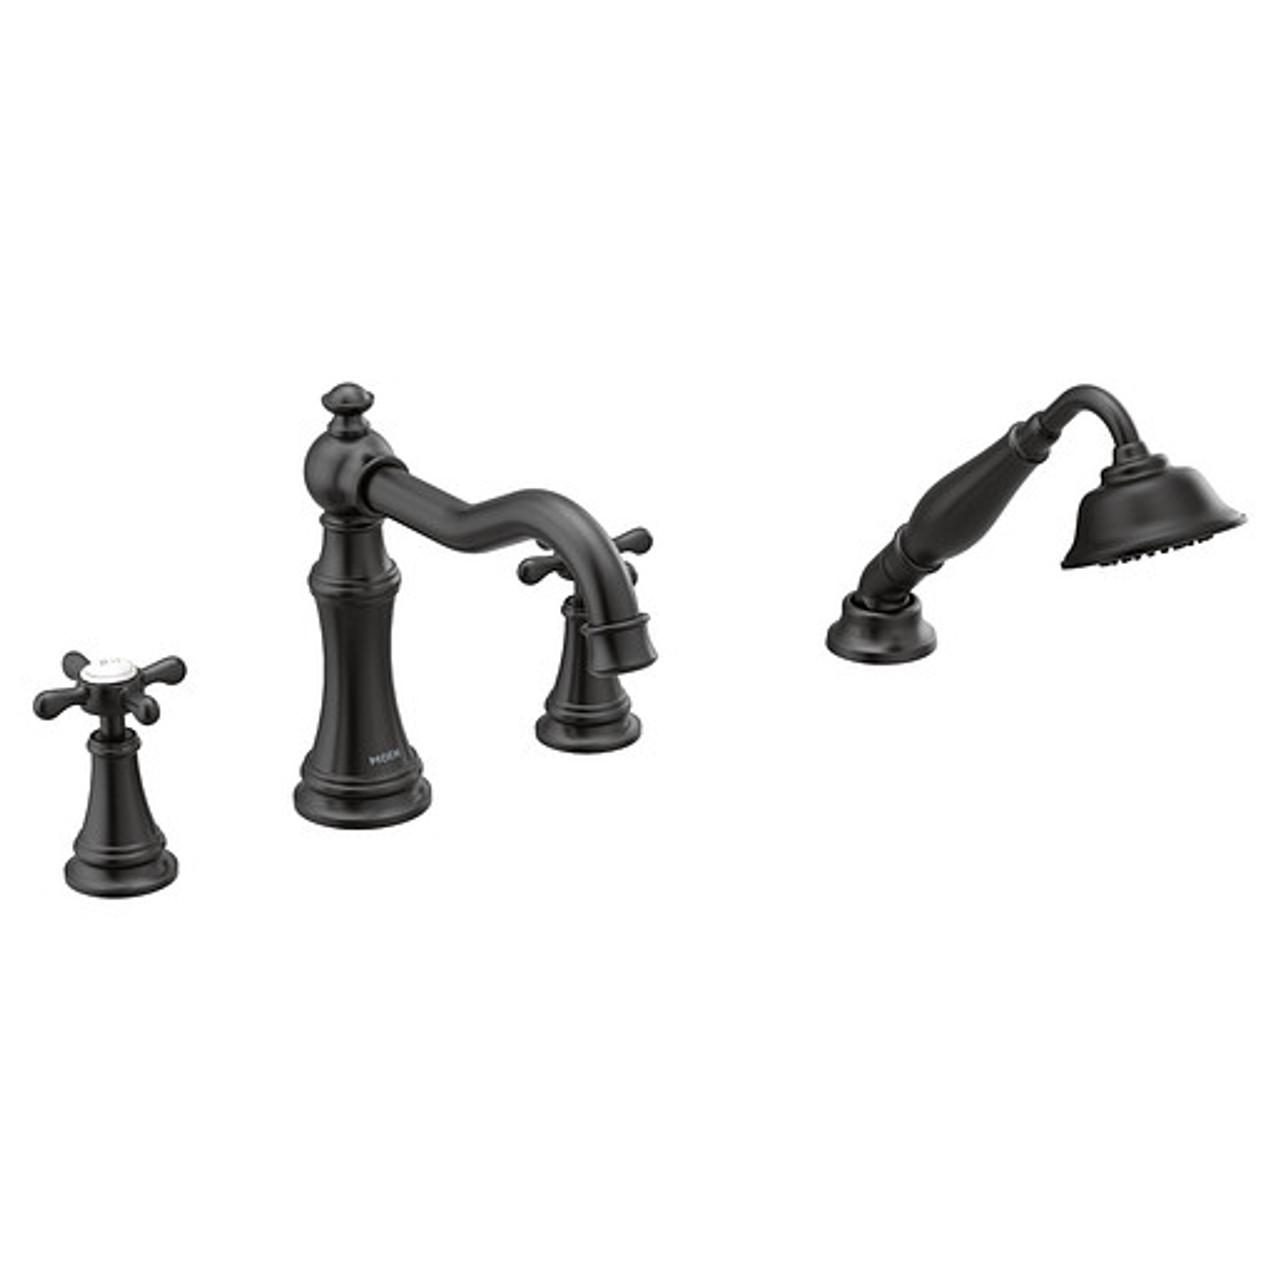 moen matte black two handle diverter roman tub faucet includes hand shower